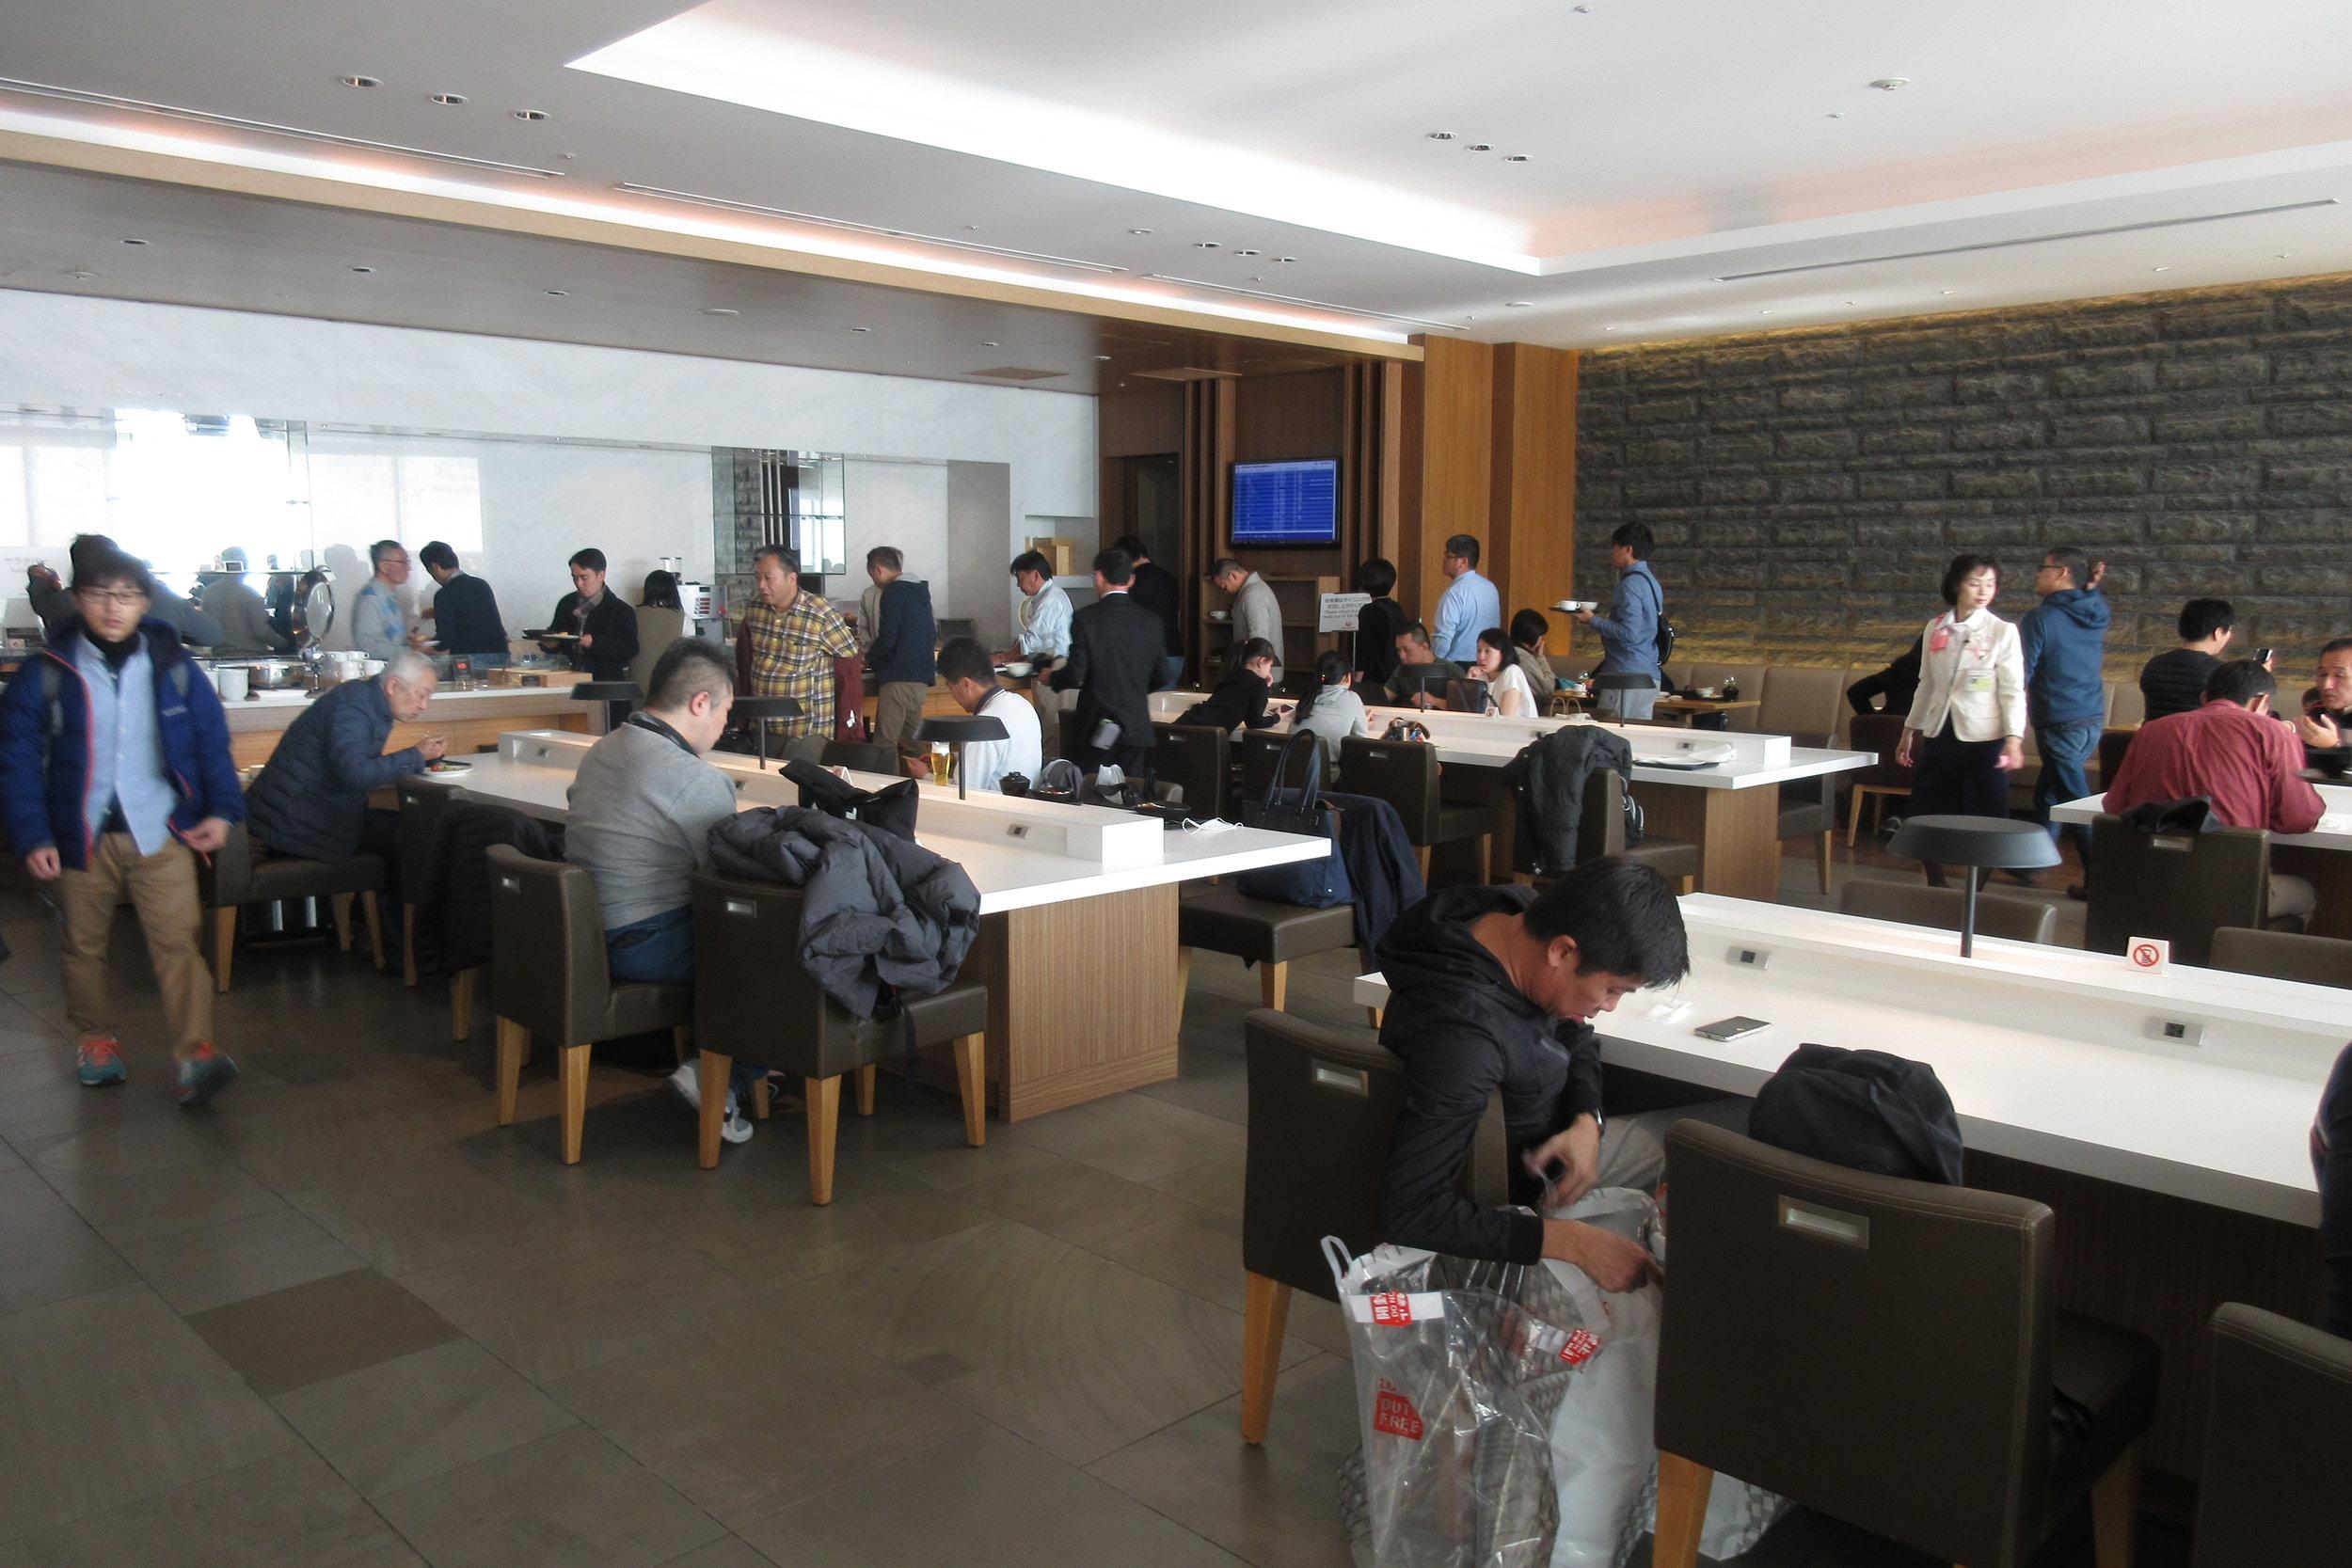 Japan Airlines Sakura Lounge Tokyo Narita – Dining area